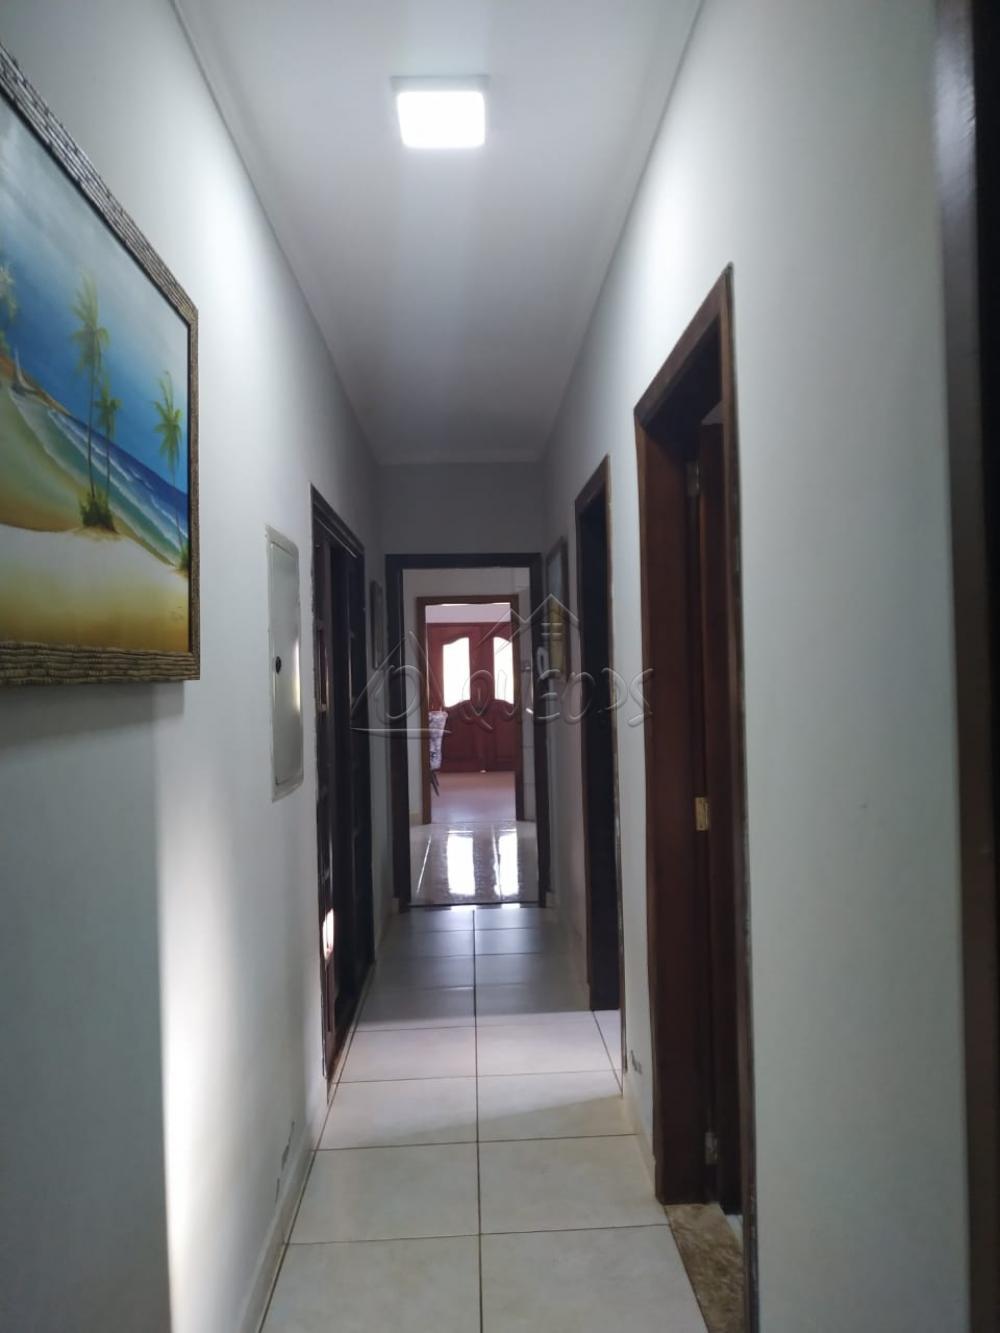 Comprar Casa / Padrão em Barretos apenas R$ 770.000,00 - Foto 9